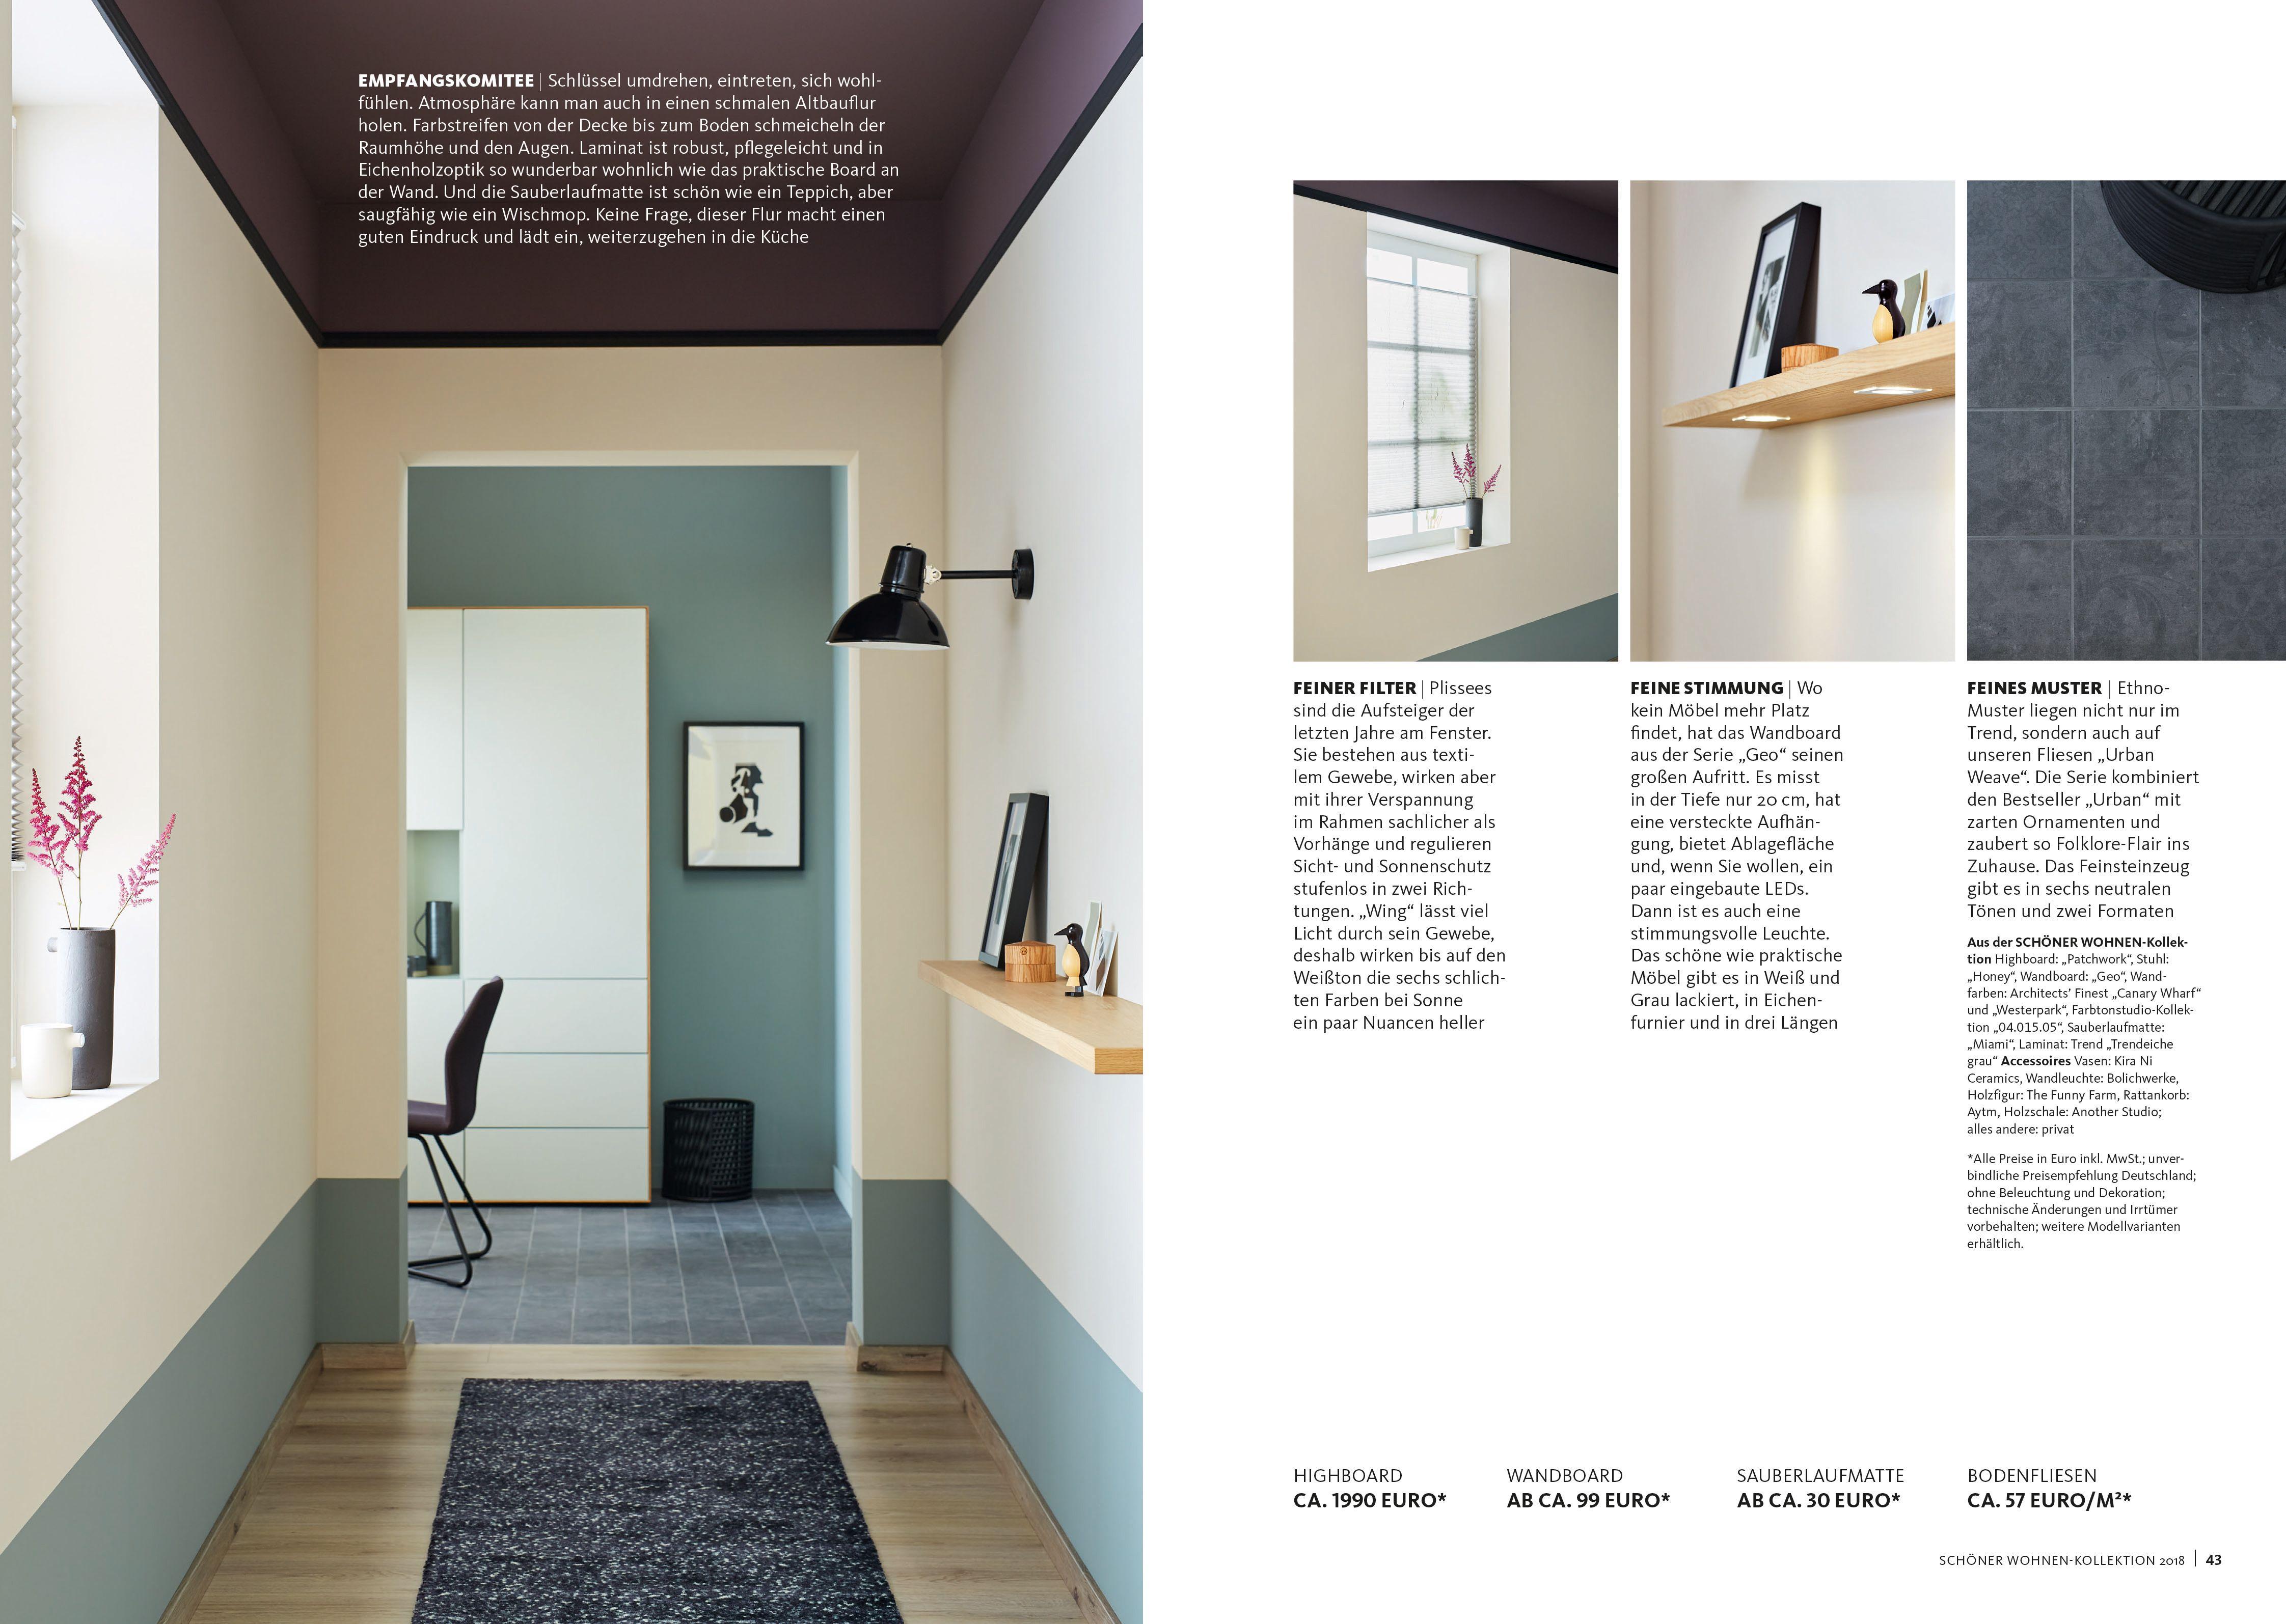 Katalog Schoner Wohnen Kollektion Schoner Wohnen Farbe Schoner Wohnen Schlafzimmer Schoner Wohnen Tapeten